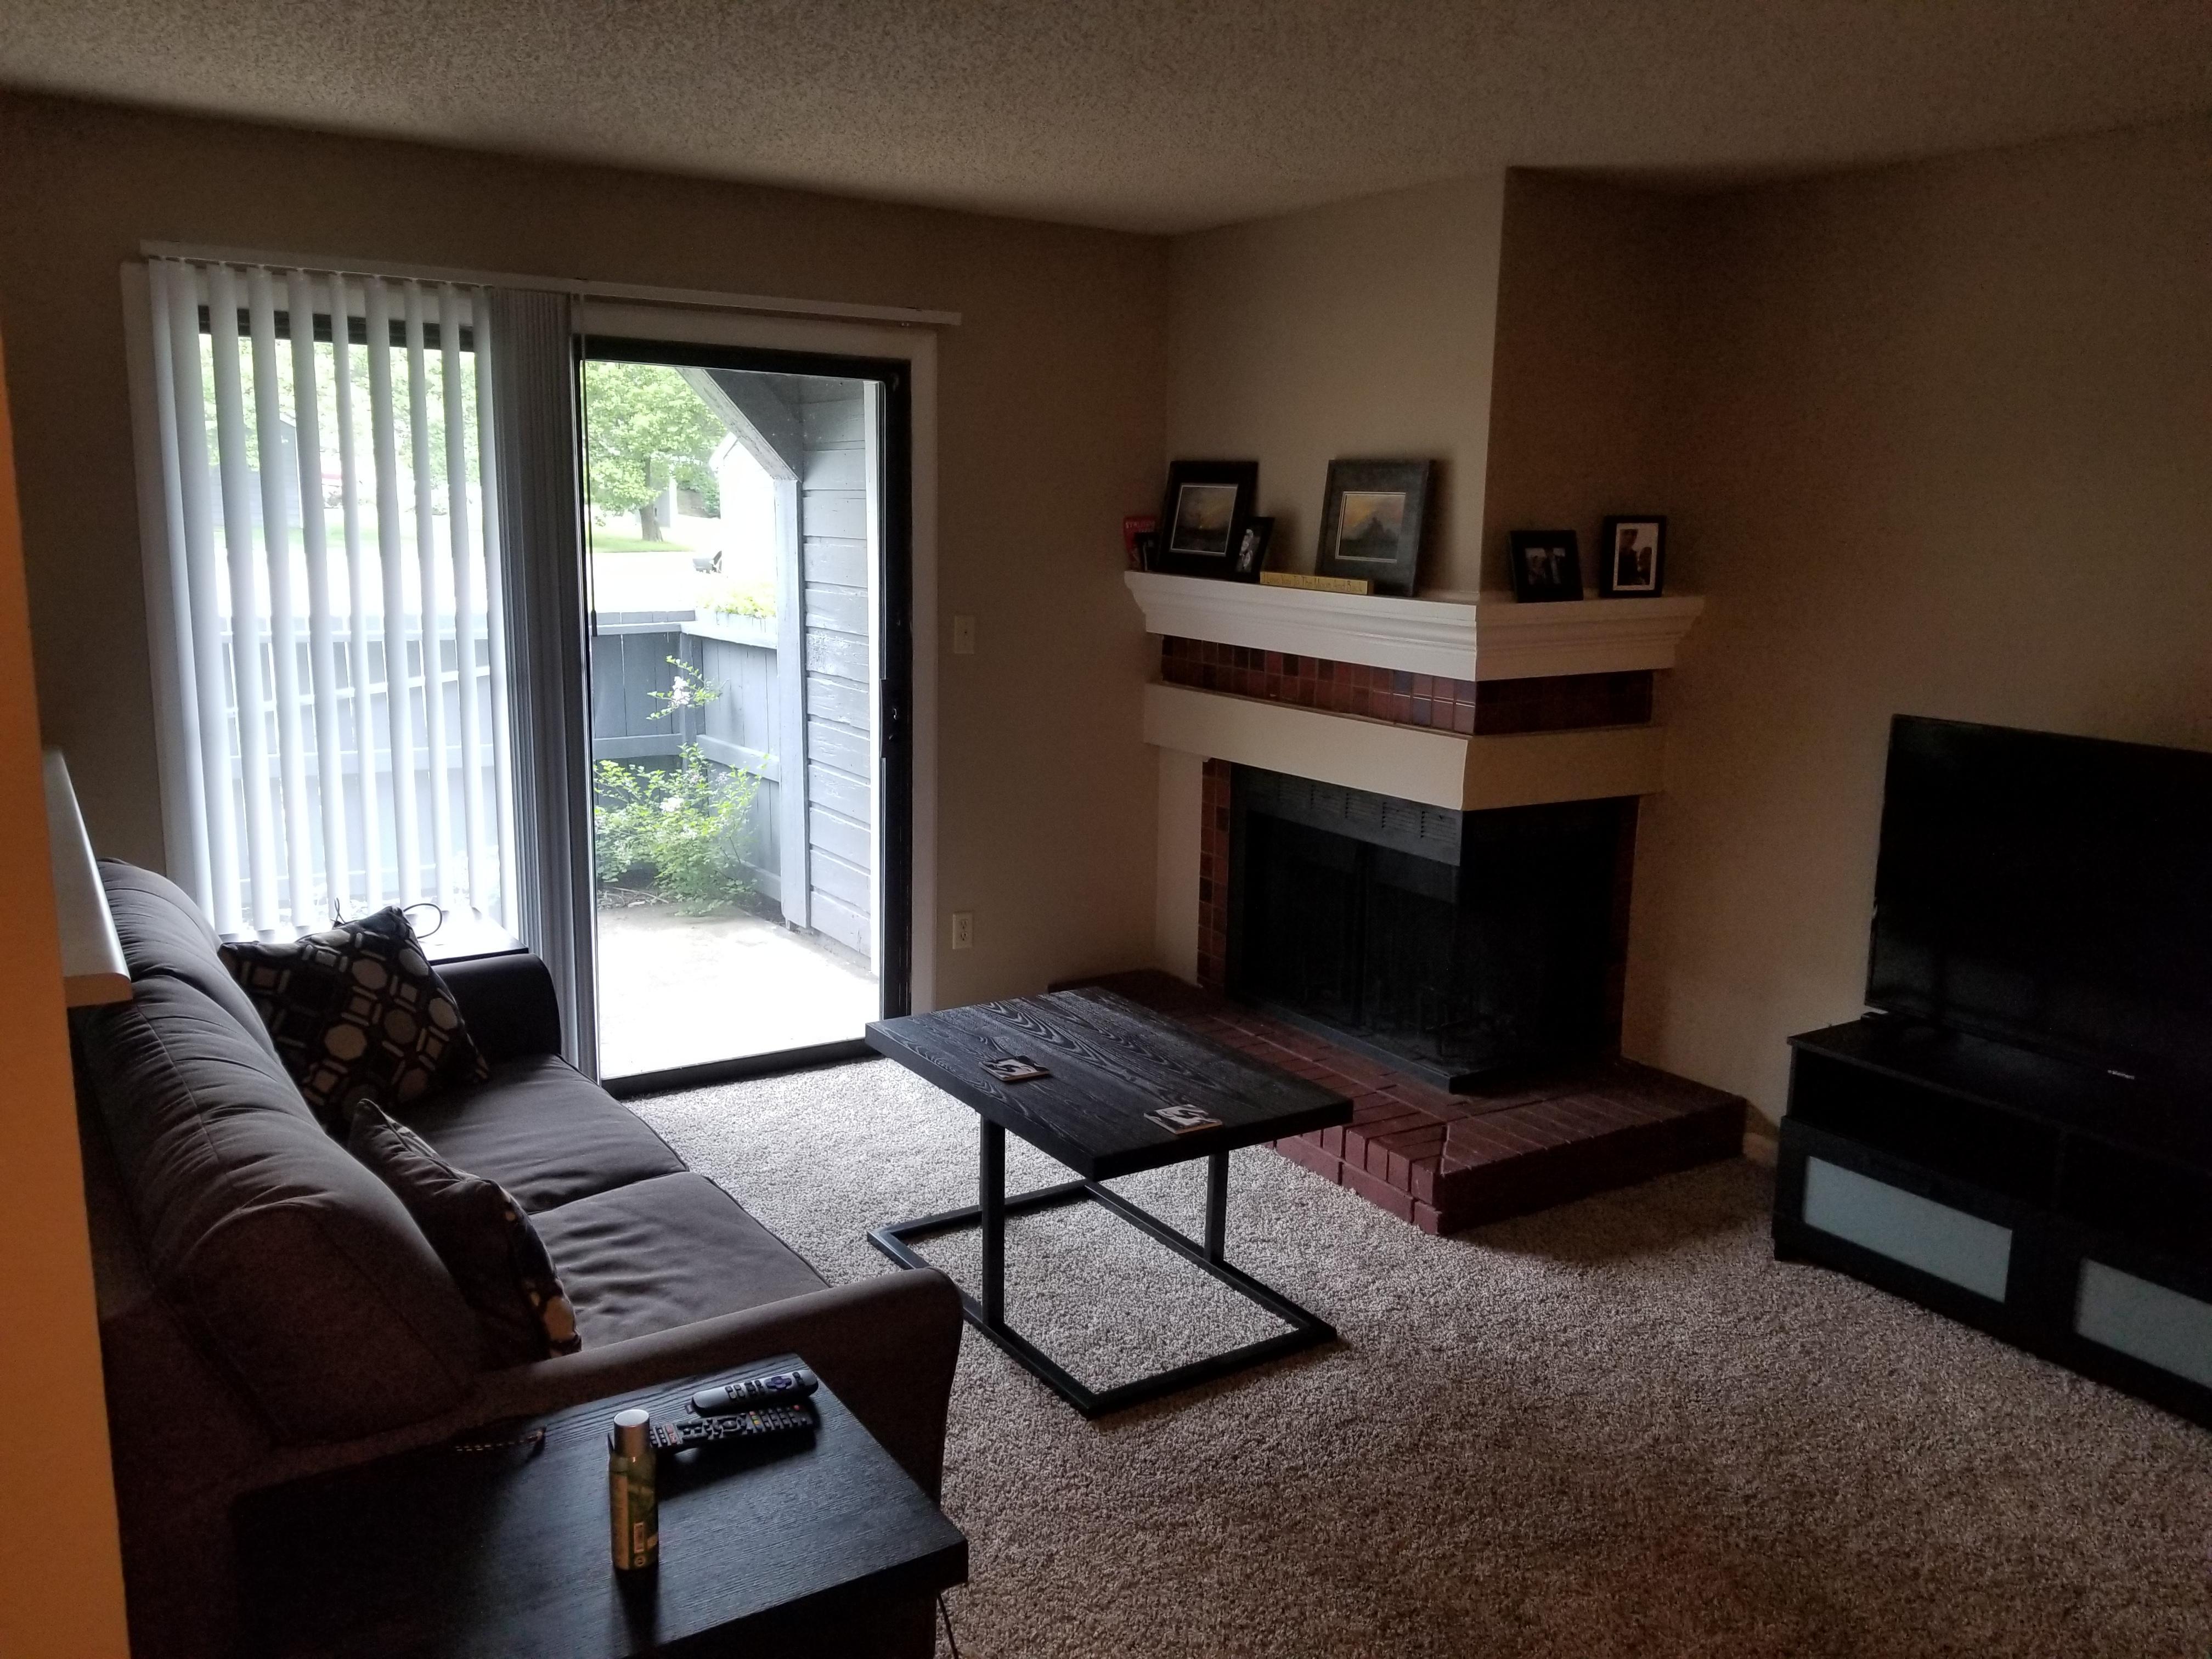 no overhead lighting in the livingroom